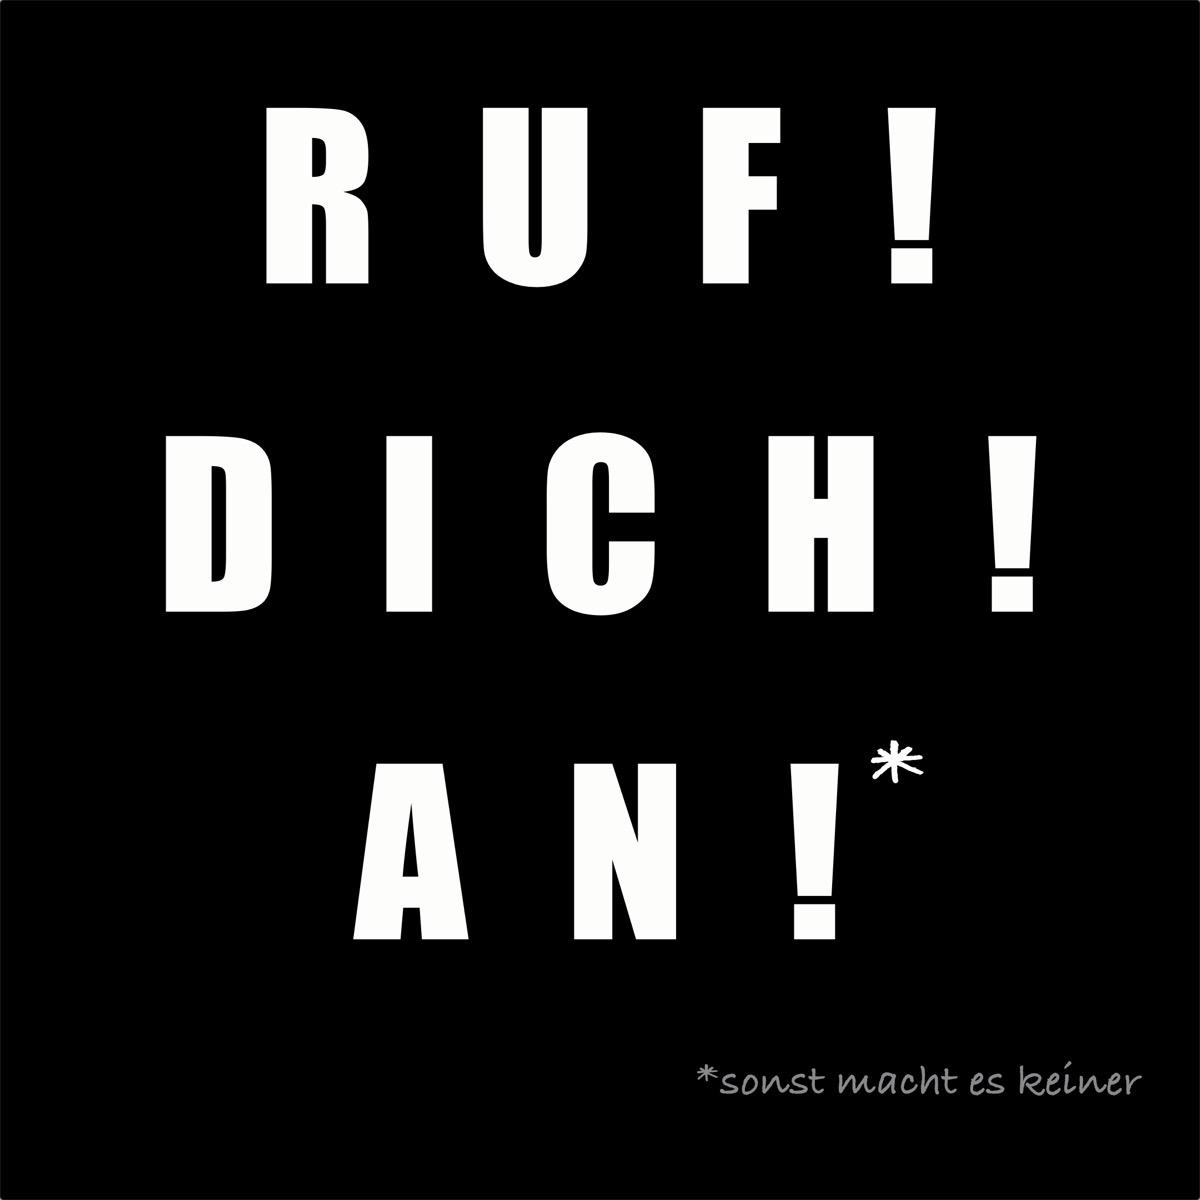 Schwarze Tafel mit weißem Text: Ruf! dich! an! Sonst tut es keiner